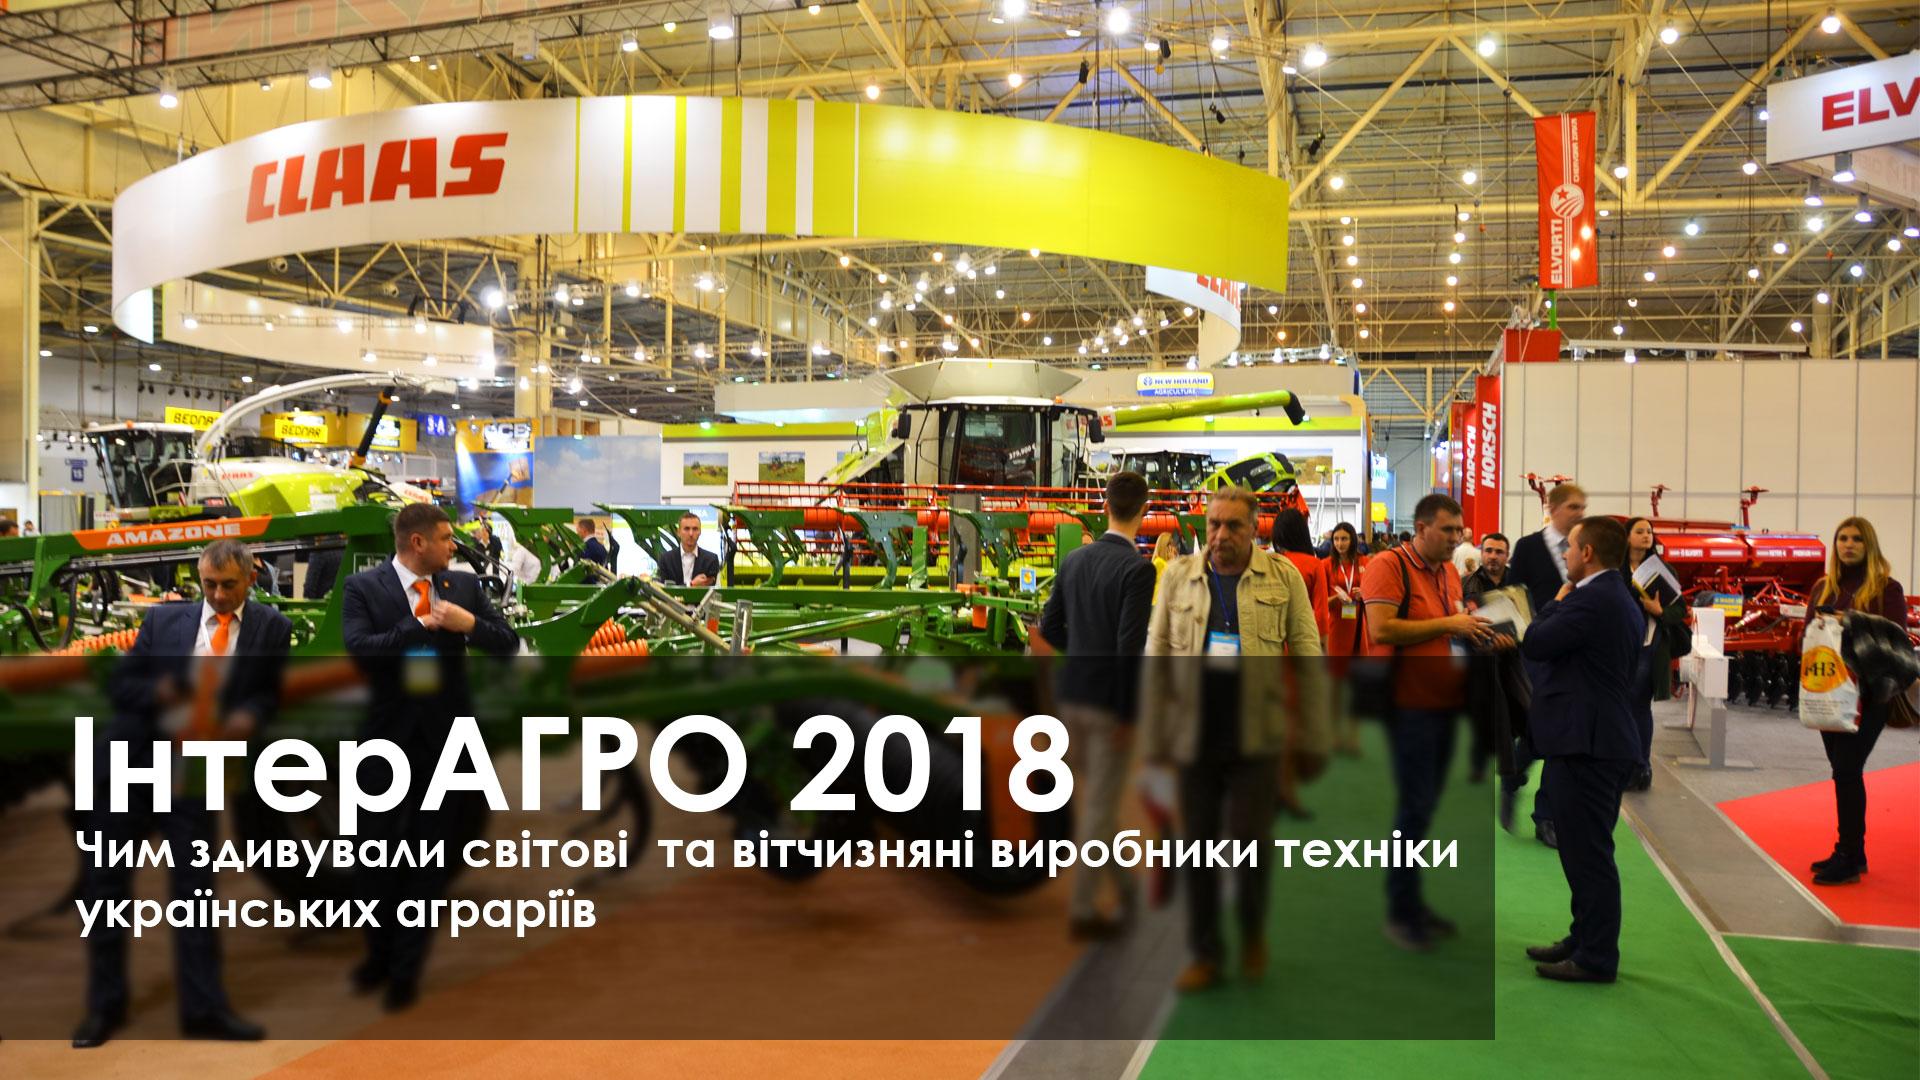 ІнтерАГРО 2018 Чим здивували світові та вітчизняні виробники техніки  українських аграріїв